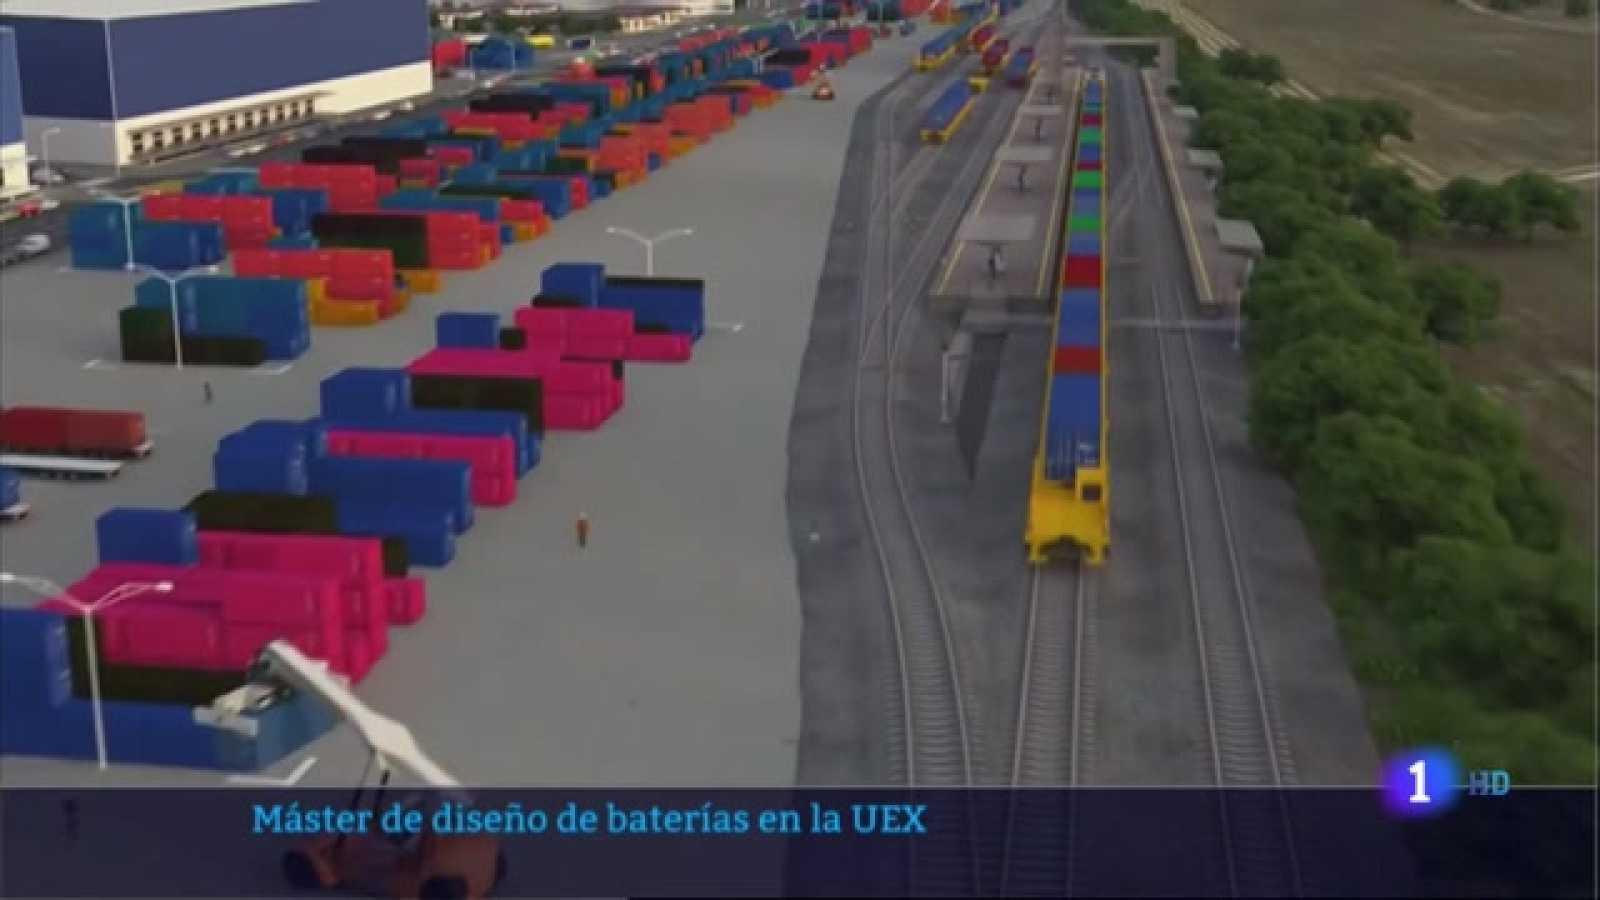 Máster de diseño de baterias en la UEX - 06/04/2021